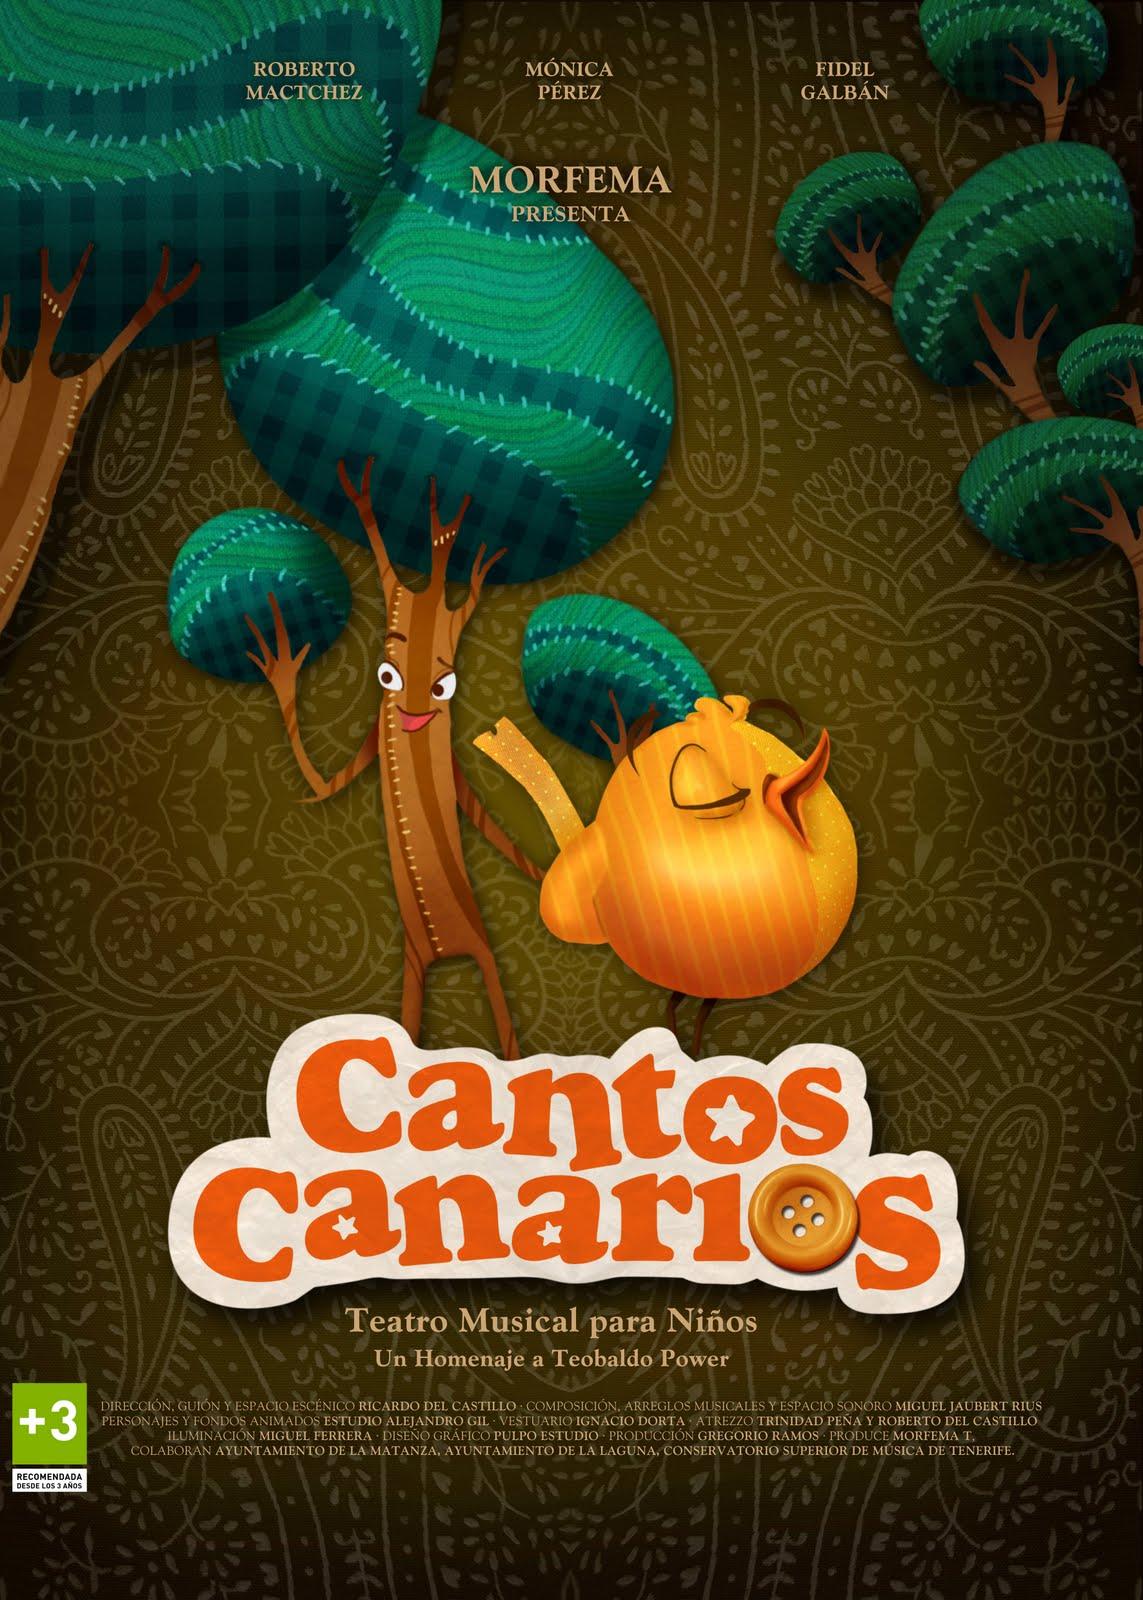 http://3.bp.blogspot.com/-zwDp-hd8tyc/TZxfygGJ_WI/AAAAAAAAAKY/mdTqVveWmYI/s1600/CARTEL_Cantos_Canarios.jpg